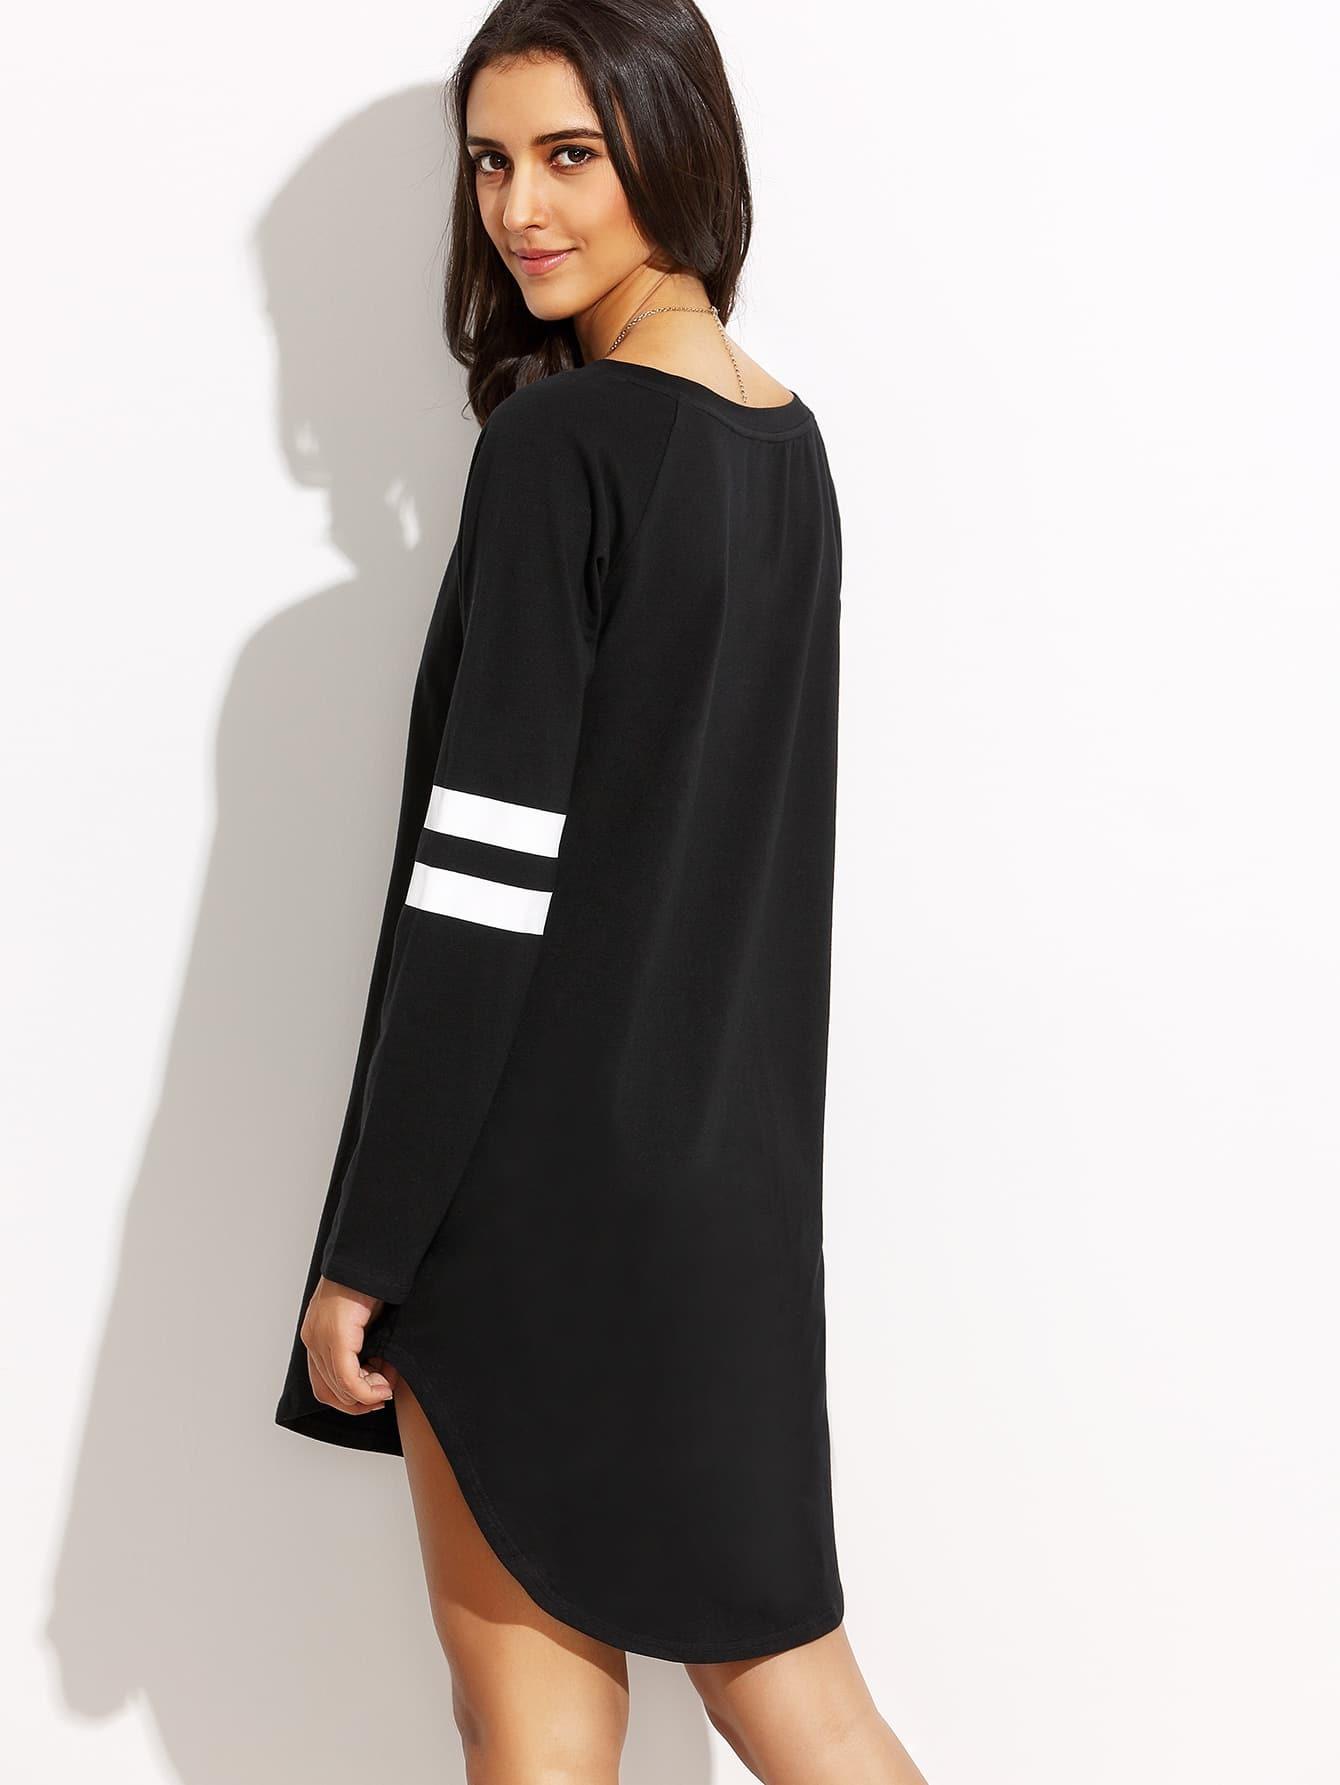 dress160729709_5